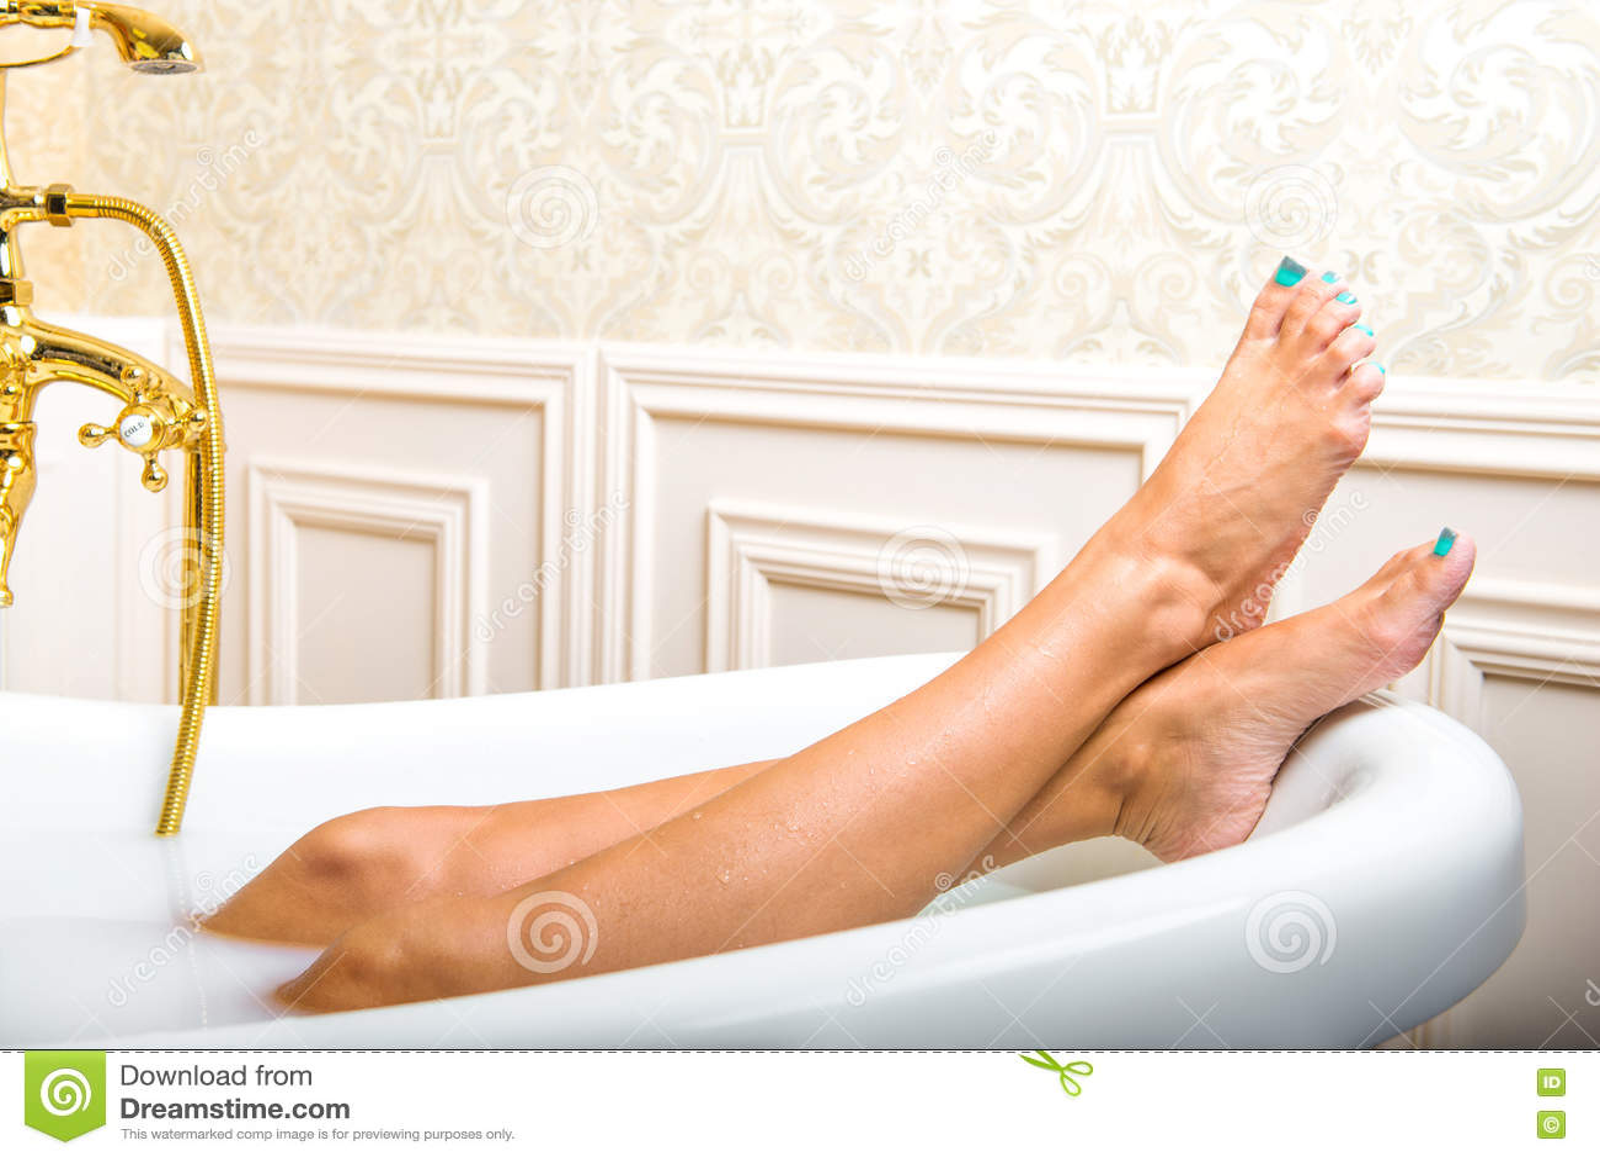 Лежа в ванне фото фото 601-33